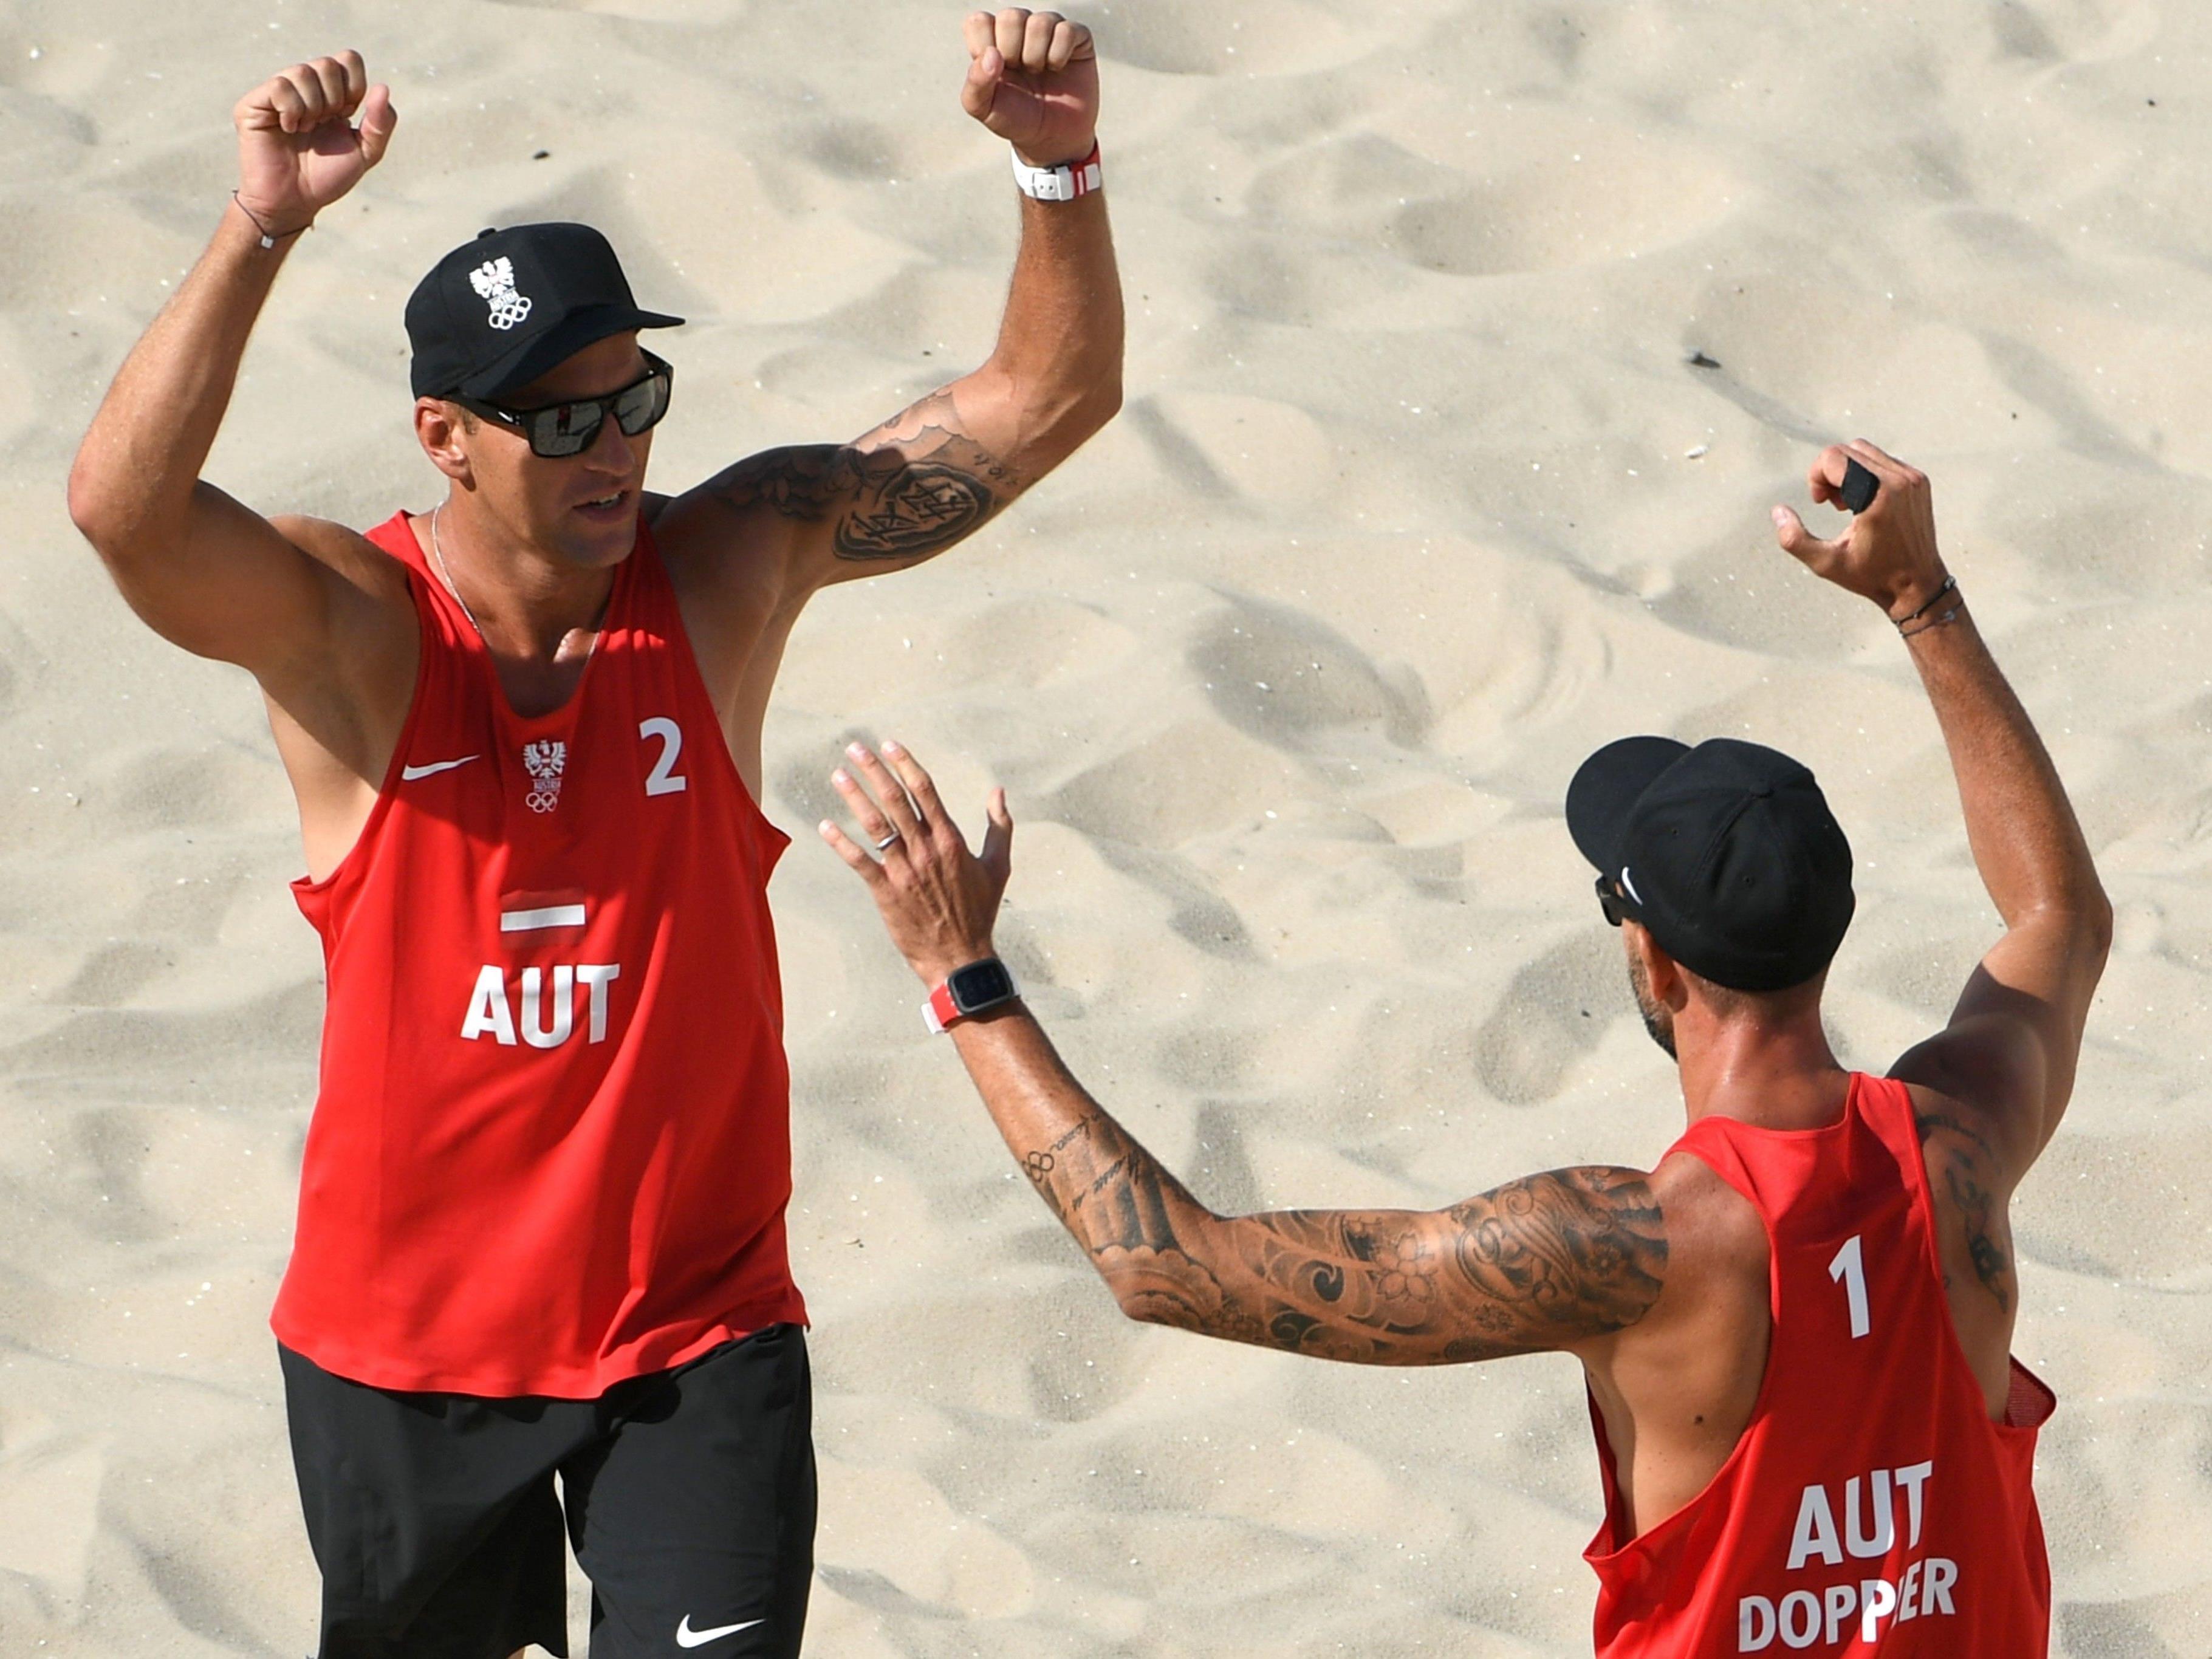 LIVE von der Beach Volleyball WM 2017 in Wien - alle Infos auf VIENNA.at